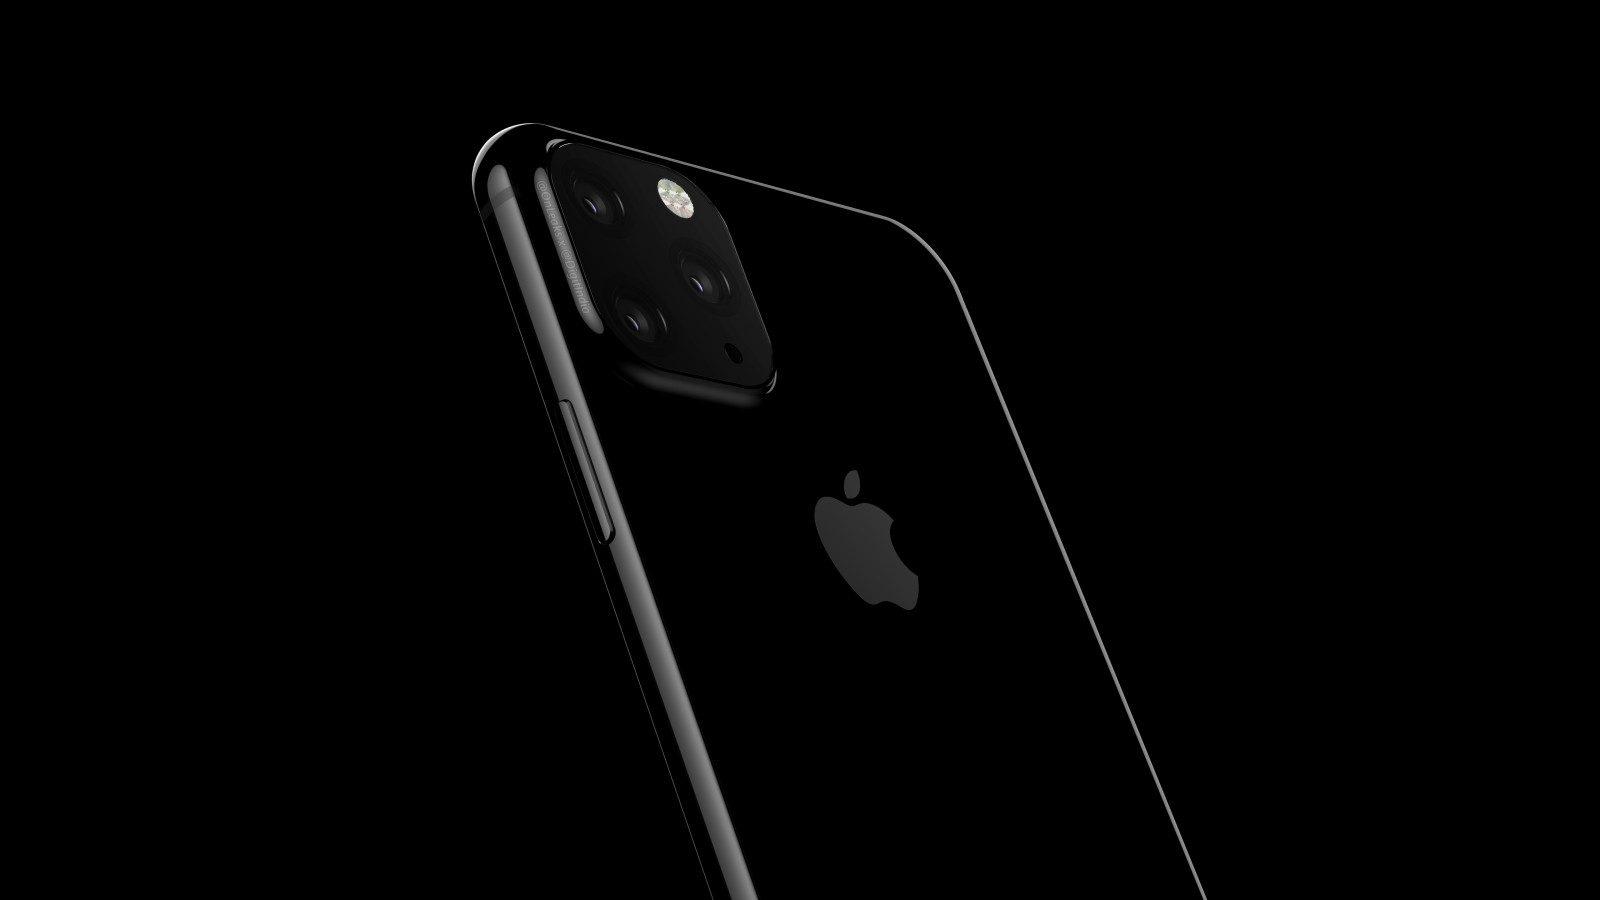 Apple si pohrává s displejem produkující zvuk